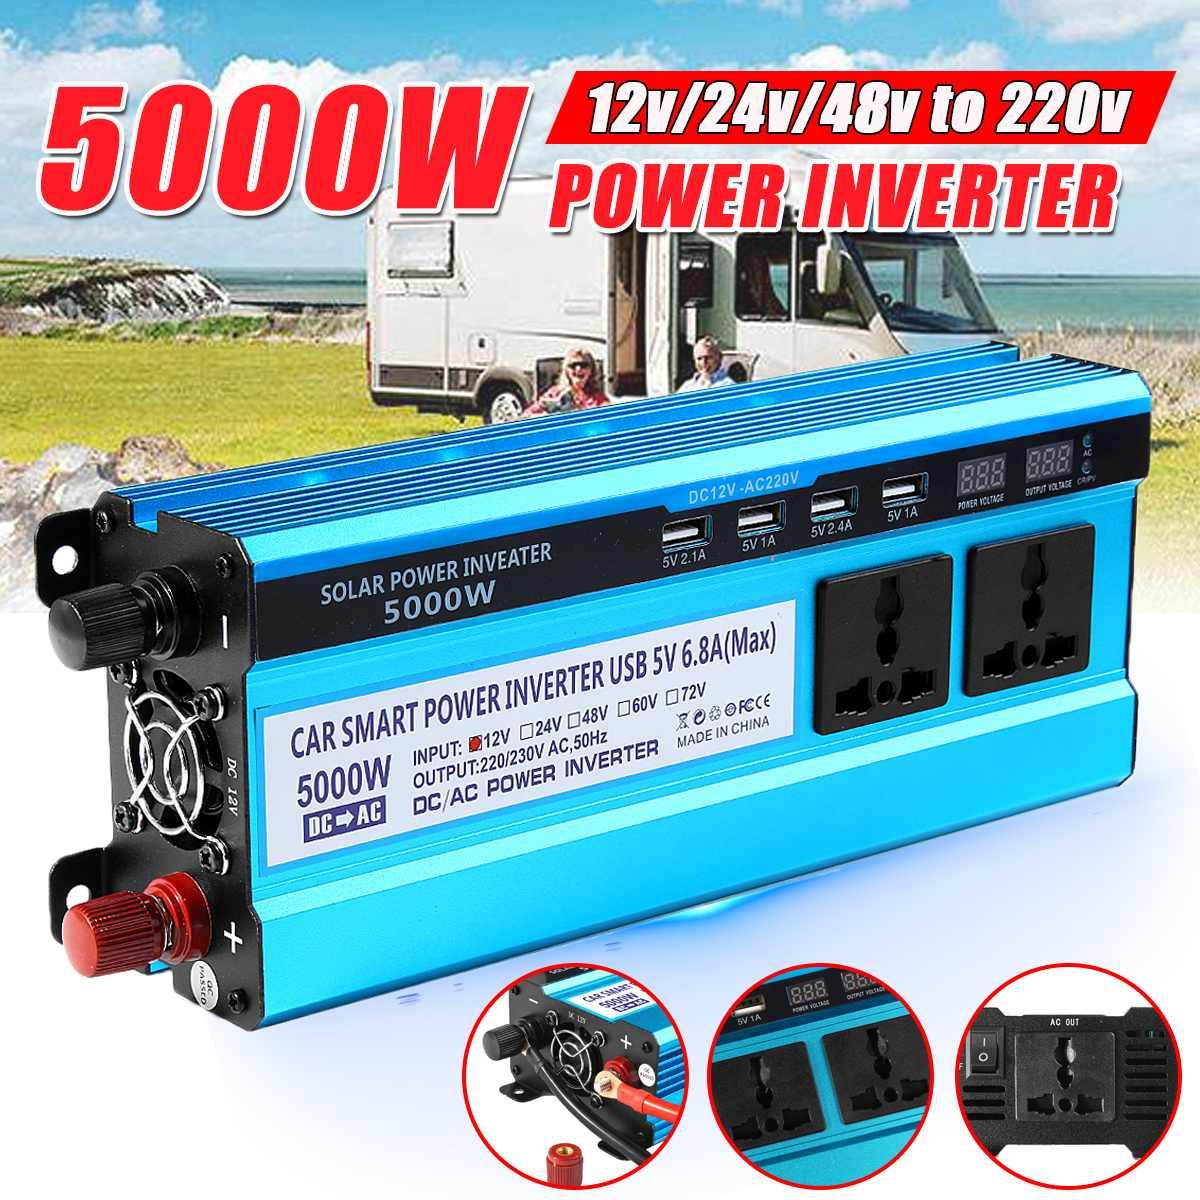 Falownik solarny DC 12V 24V 48V do AC 220V 3000W 4000W 5000W przetwornica napięcia konwerter transformatora 4 USB LED wyświetlacz do samochodu strona główna